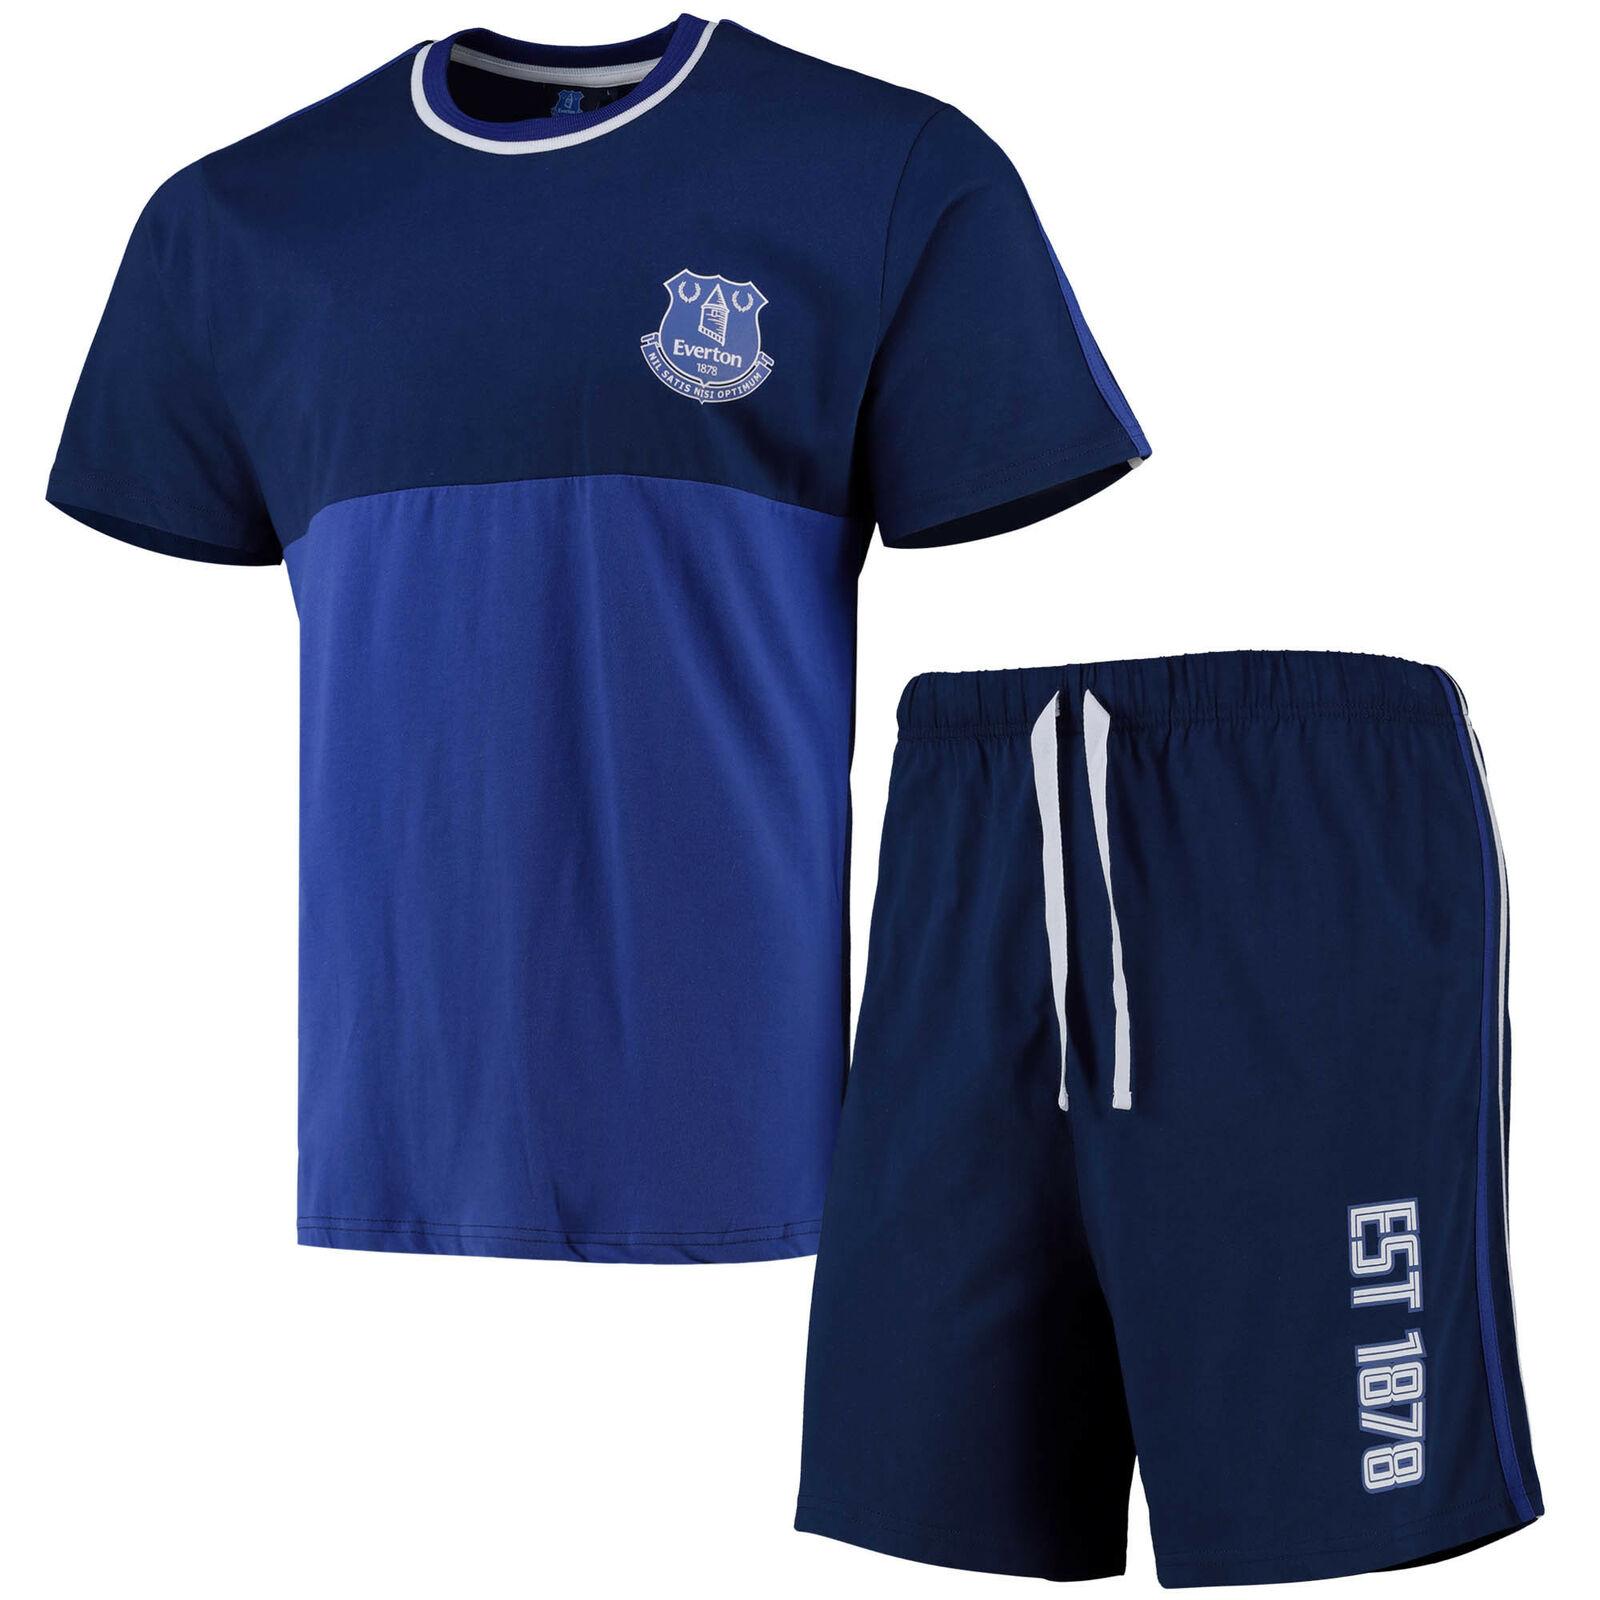 Everton Retro Tipped Short Lounge Set - Shorts and T-Shirt - Navy /Royal - Mens